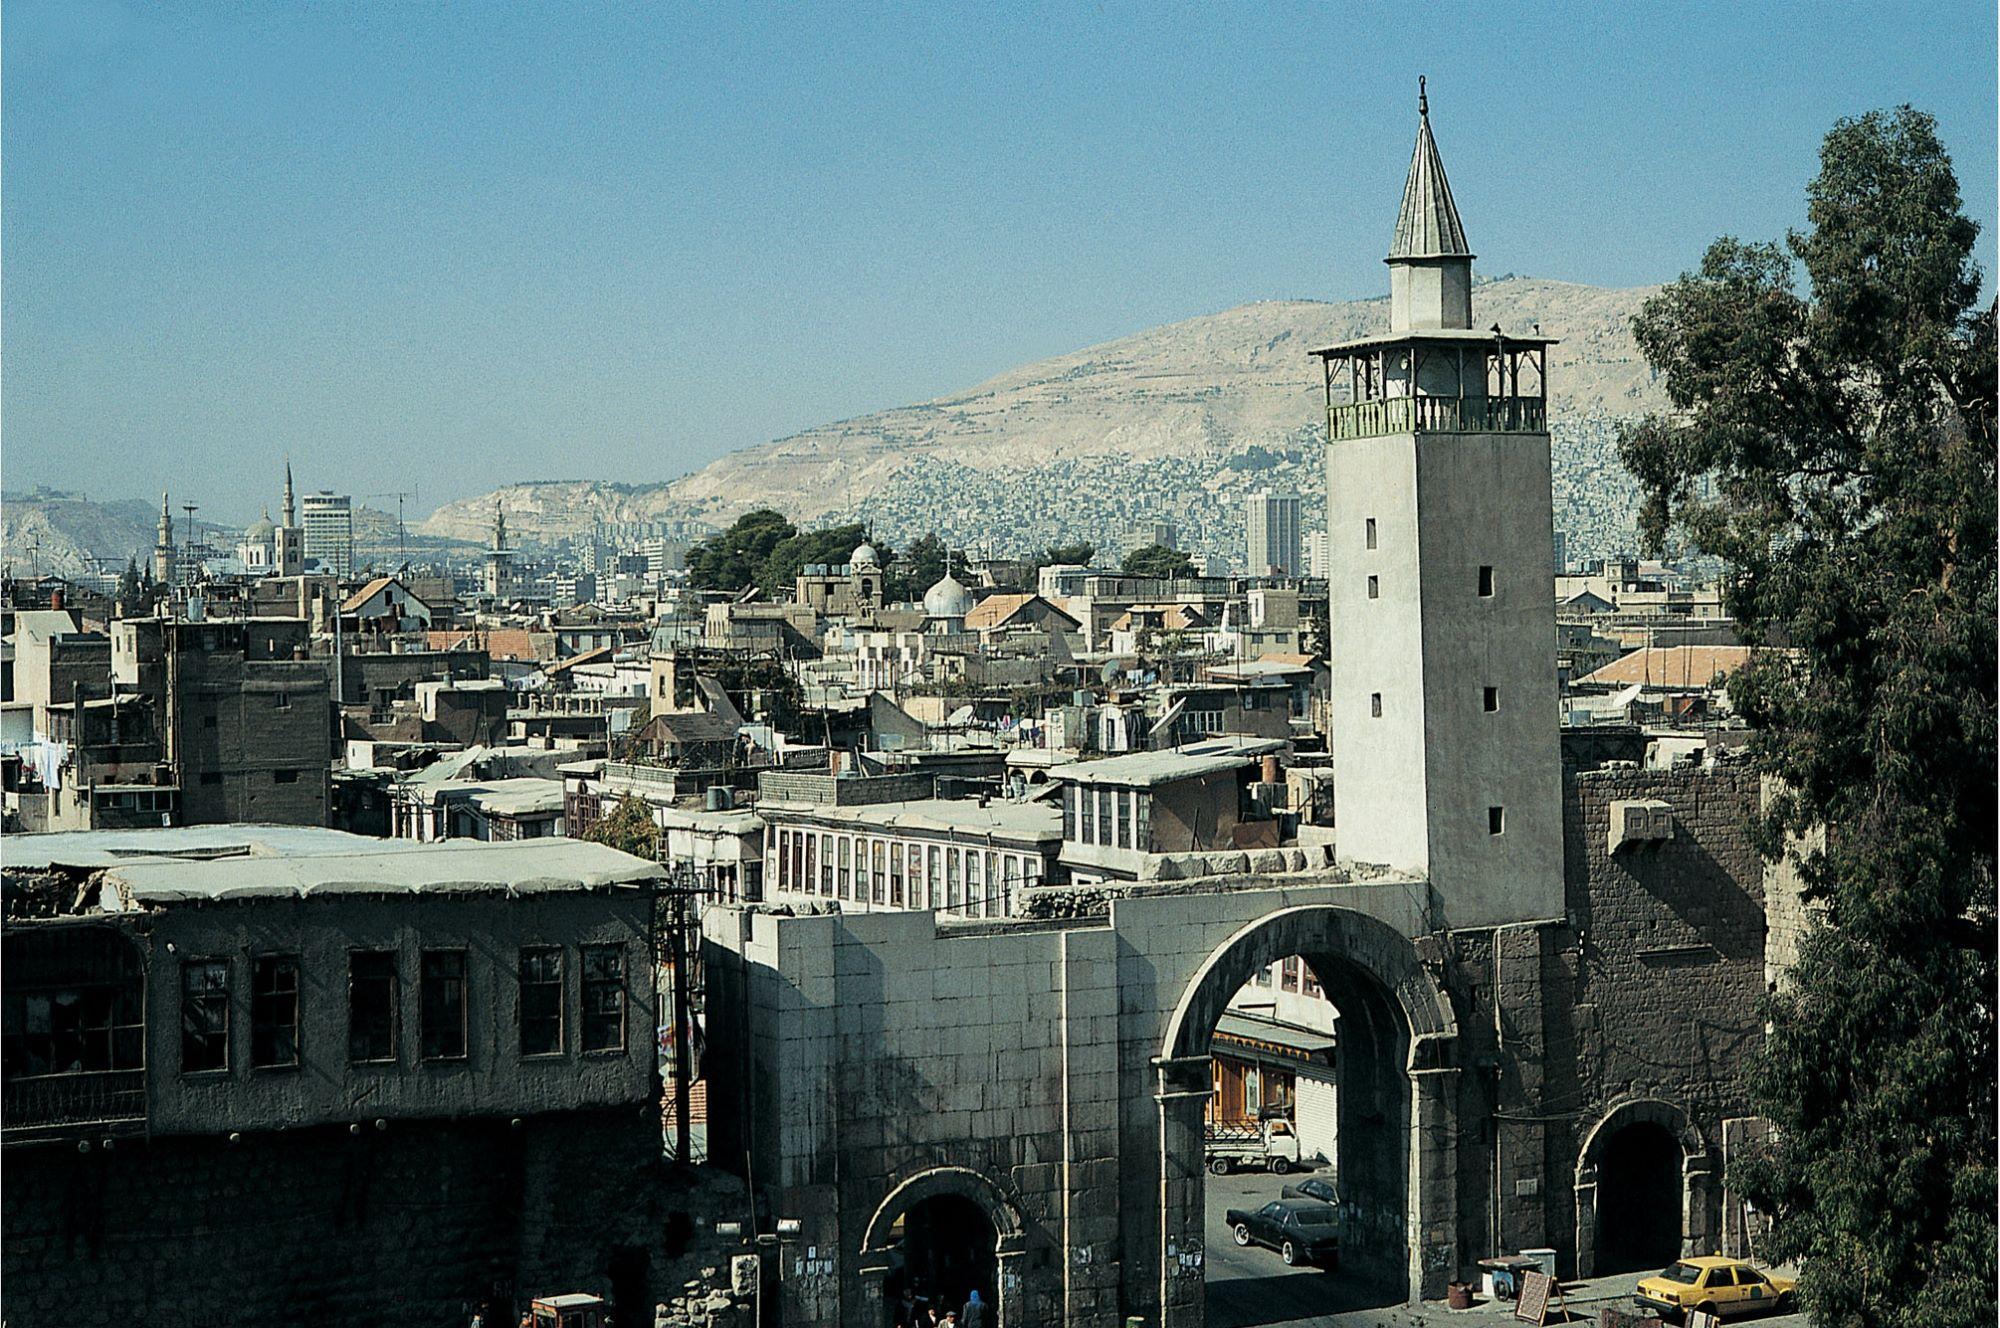 دمشق - باب شرقي في الثمانينيات